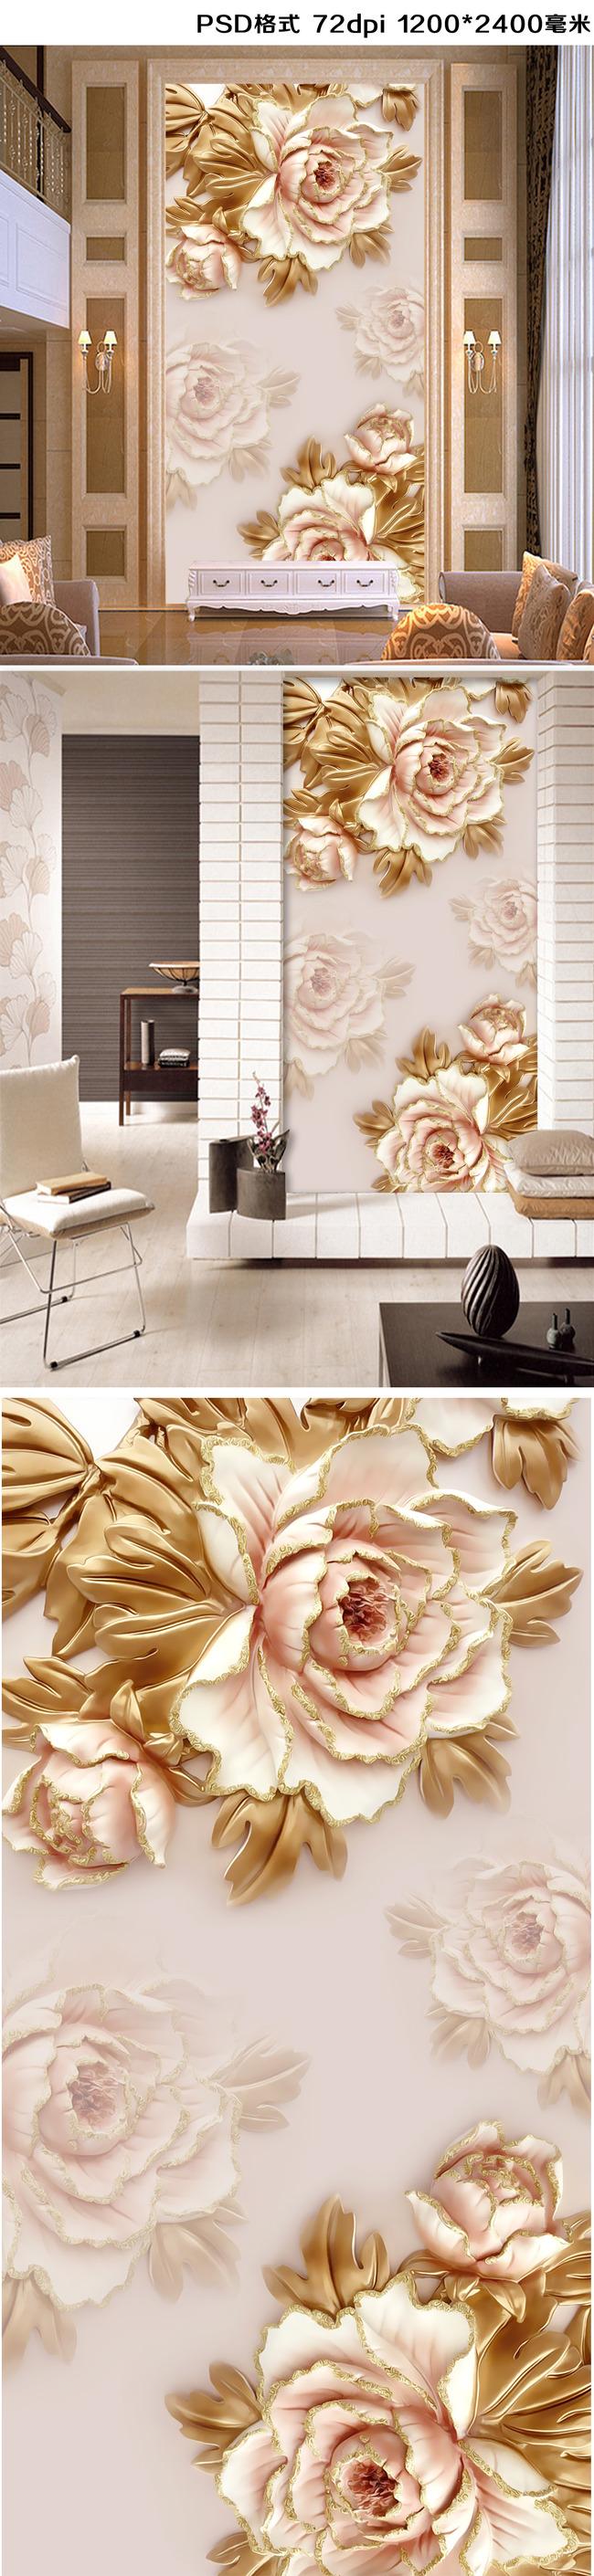 金色牡丹花浮雕玄关图图片